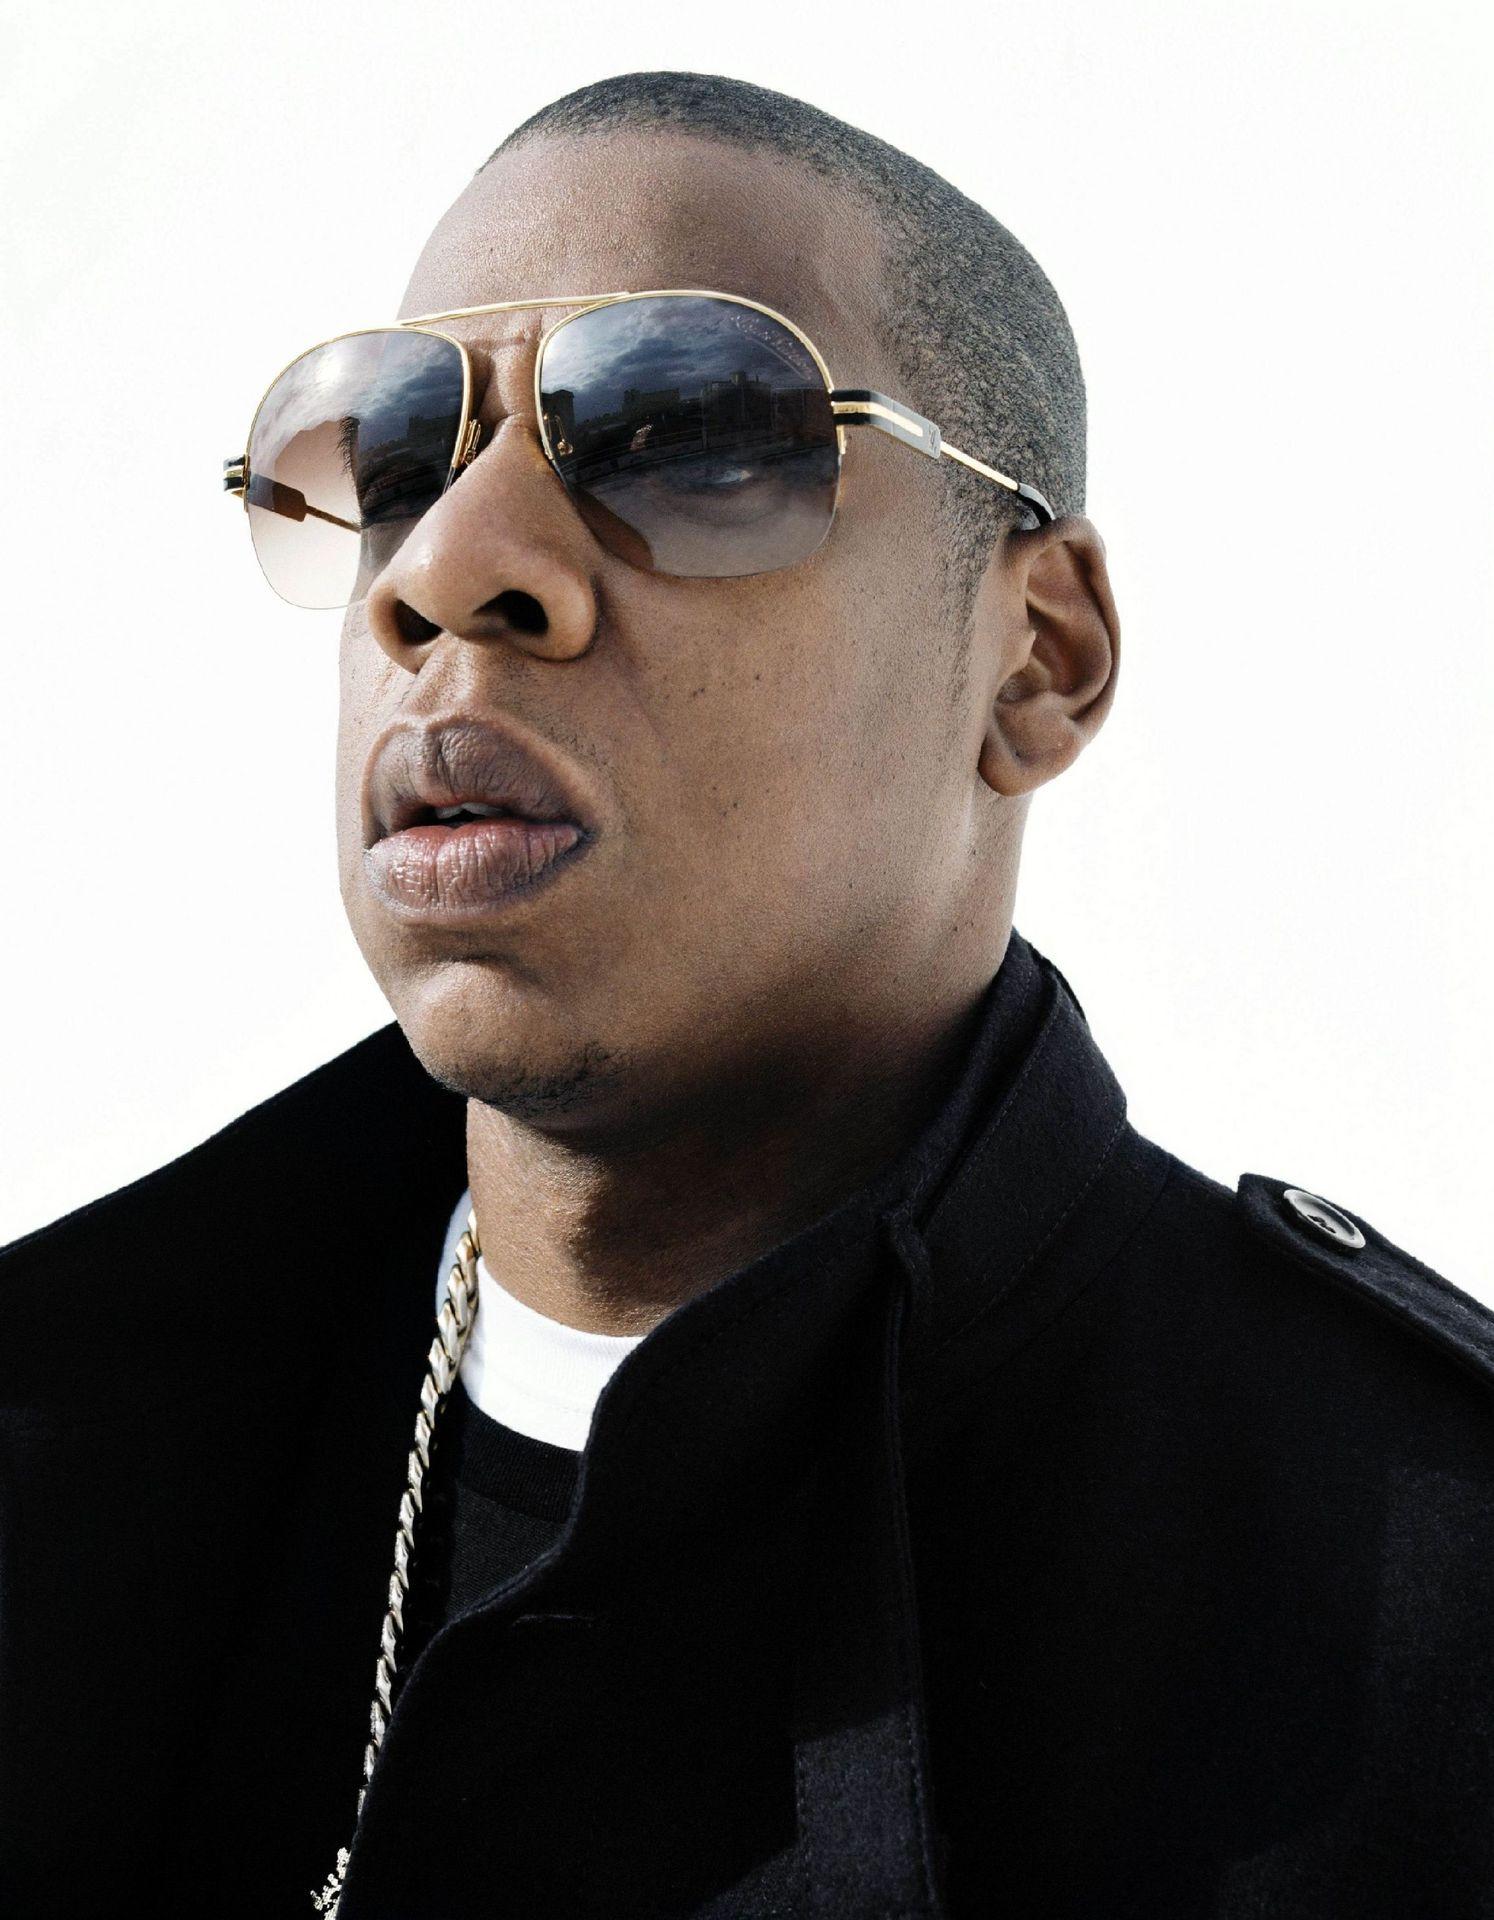 Jay-Z pics  7 Jay Z